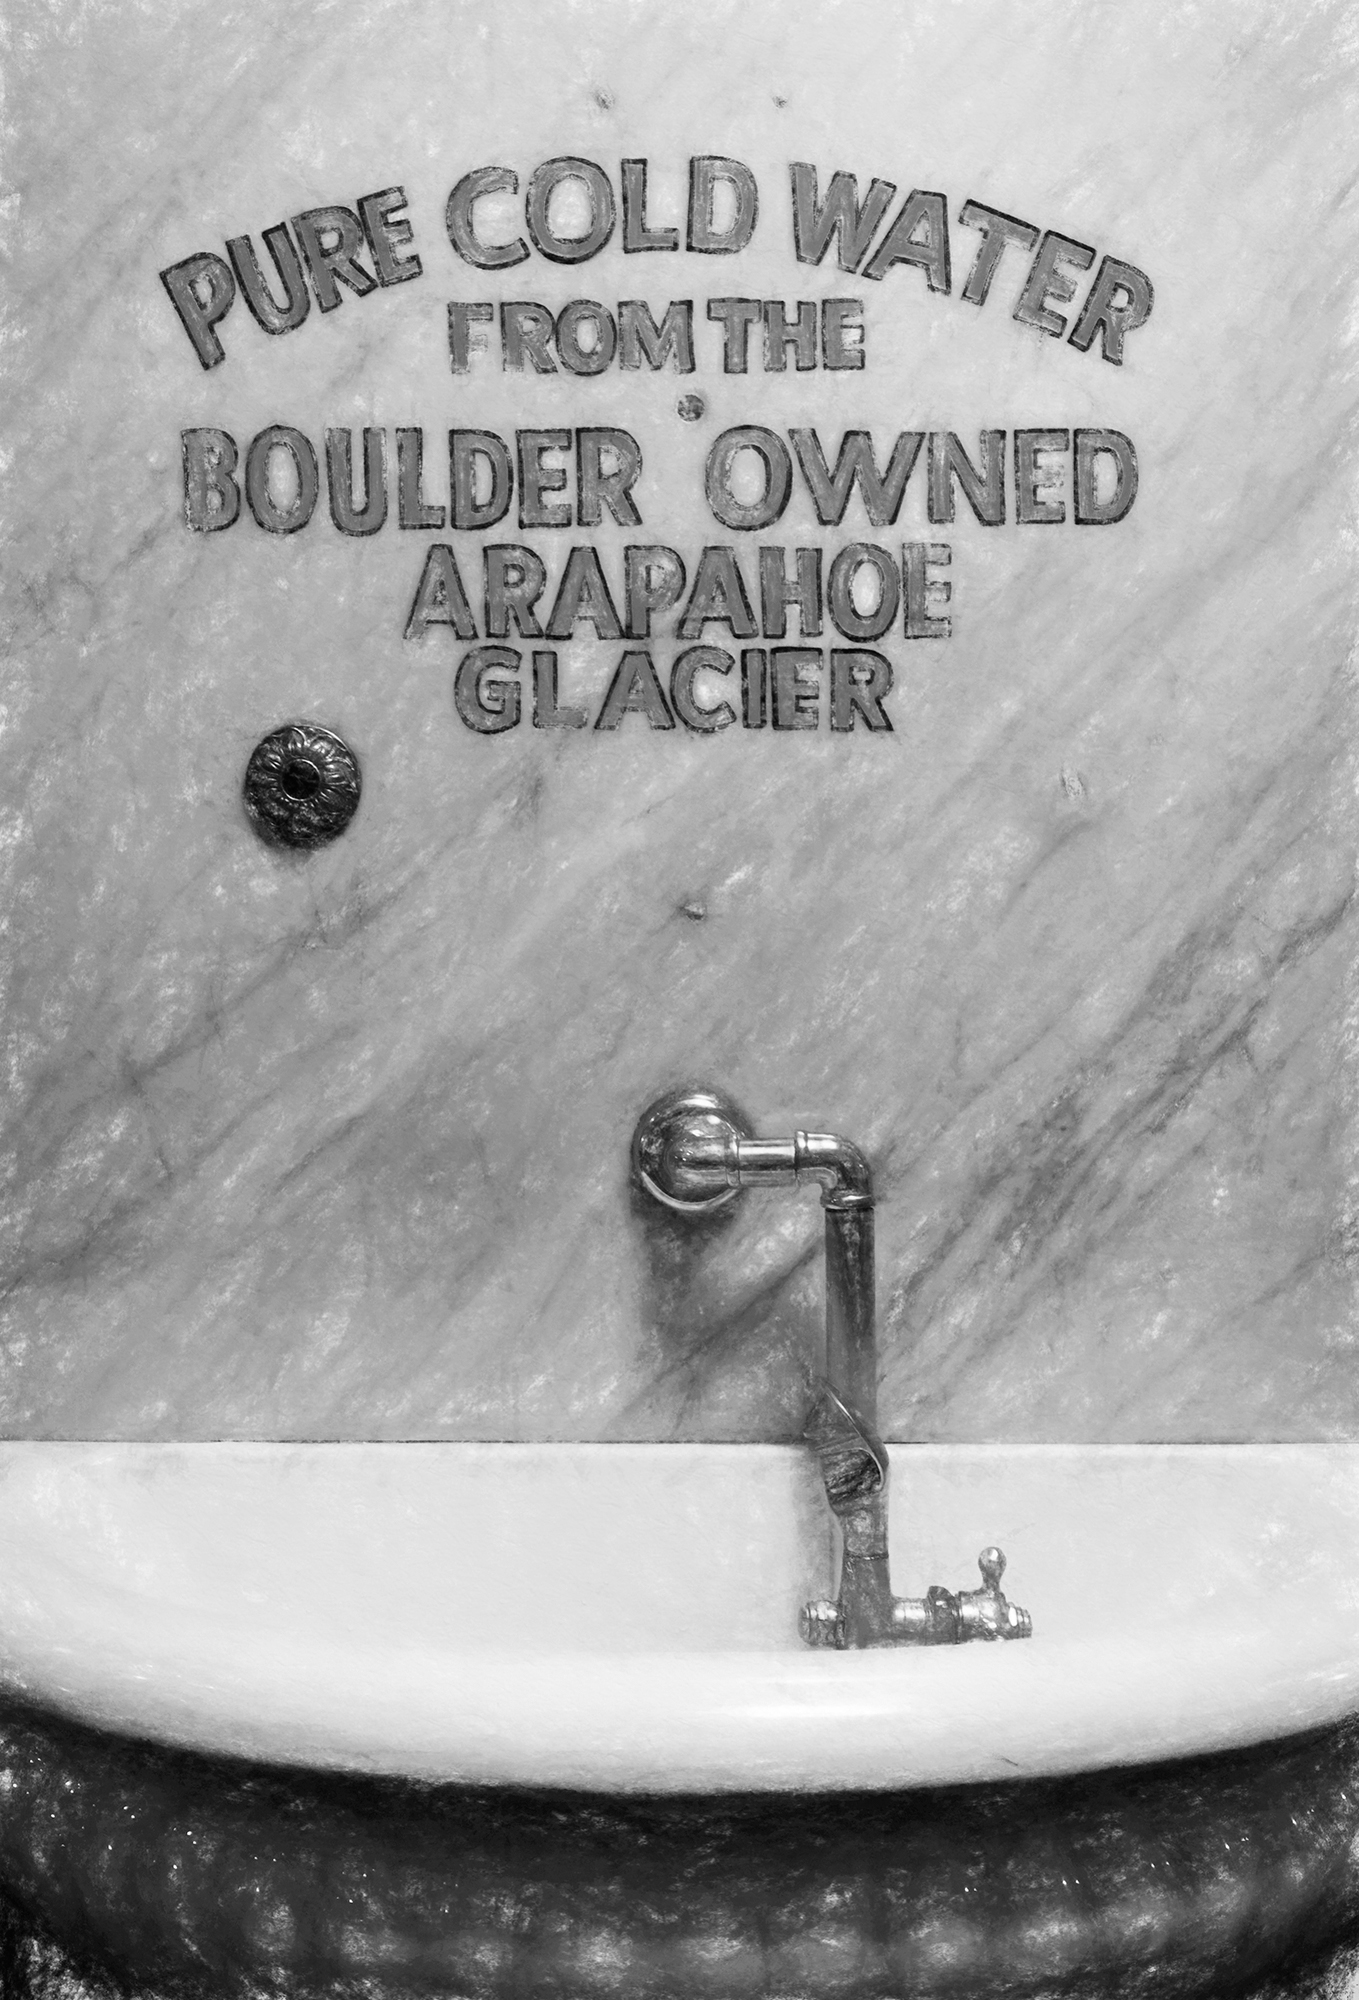 Glacier Water. Hotel Boulderado, Boulder, Colorado, 2016